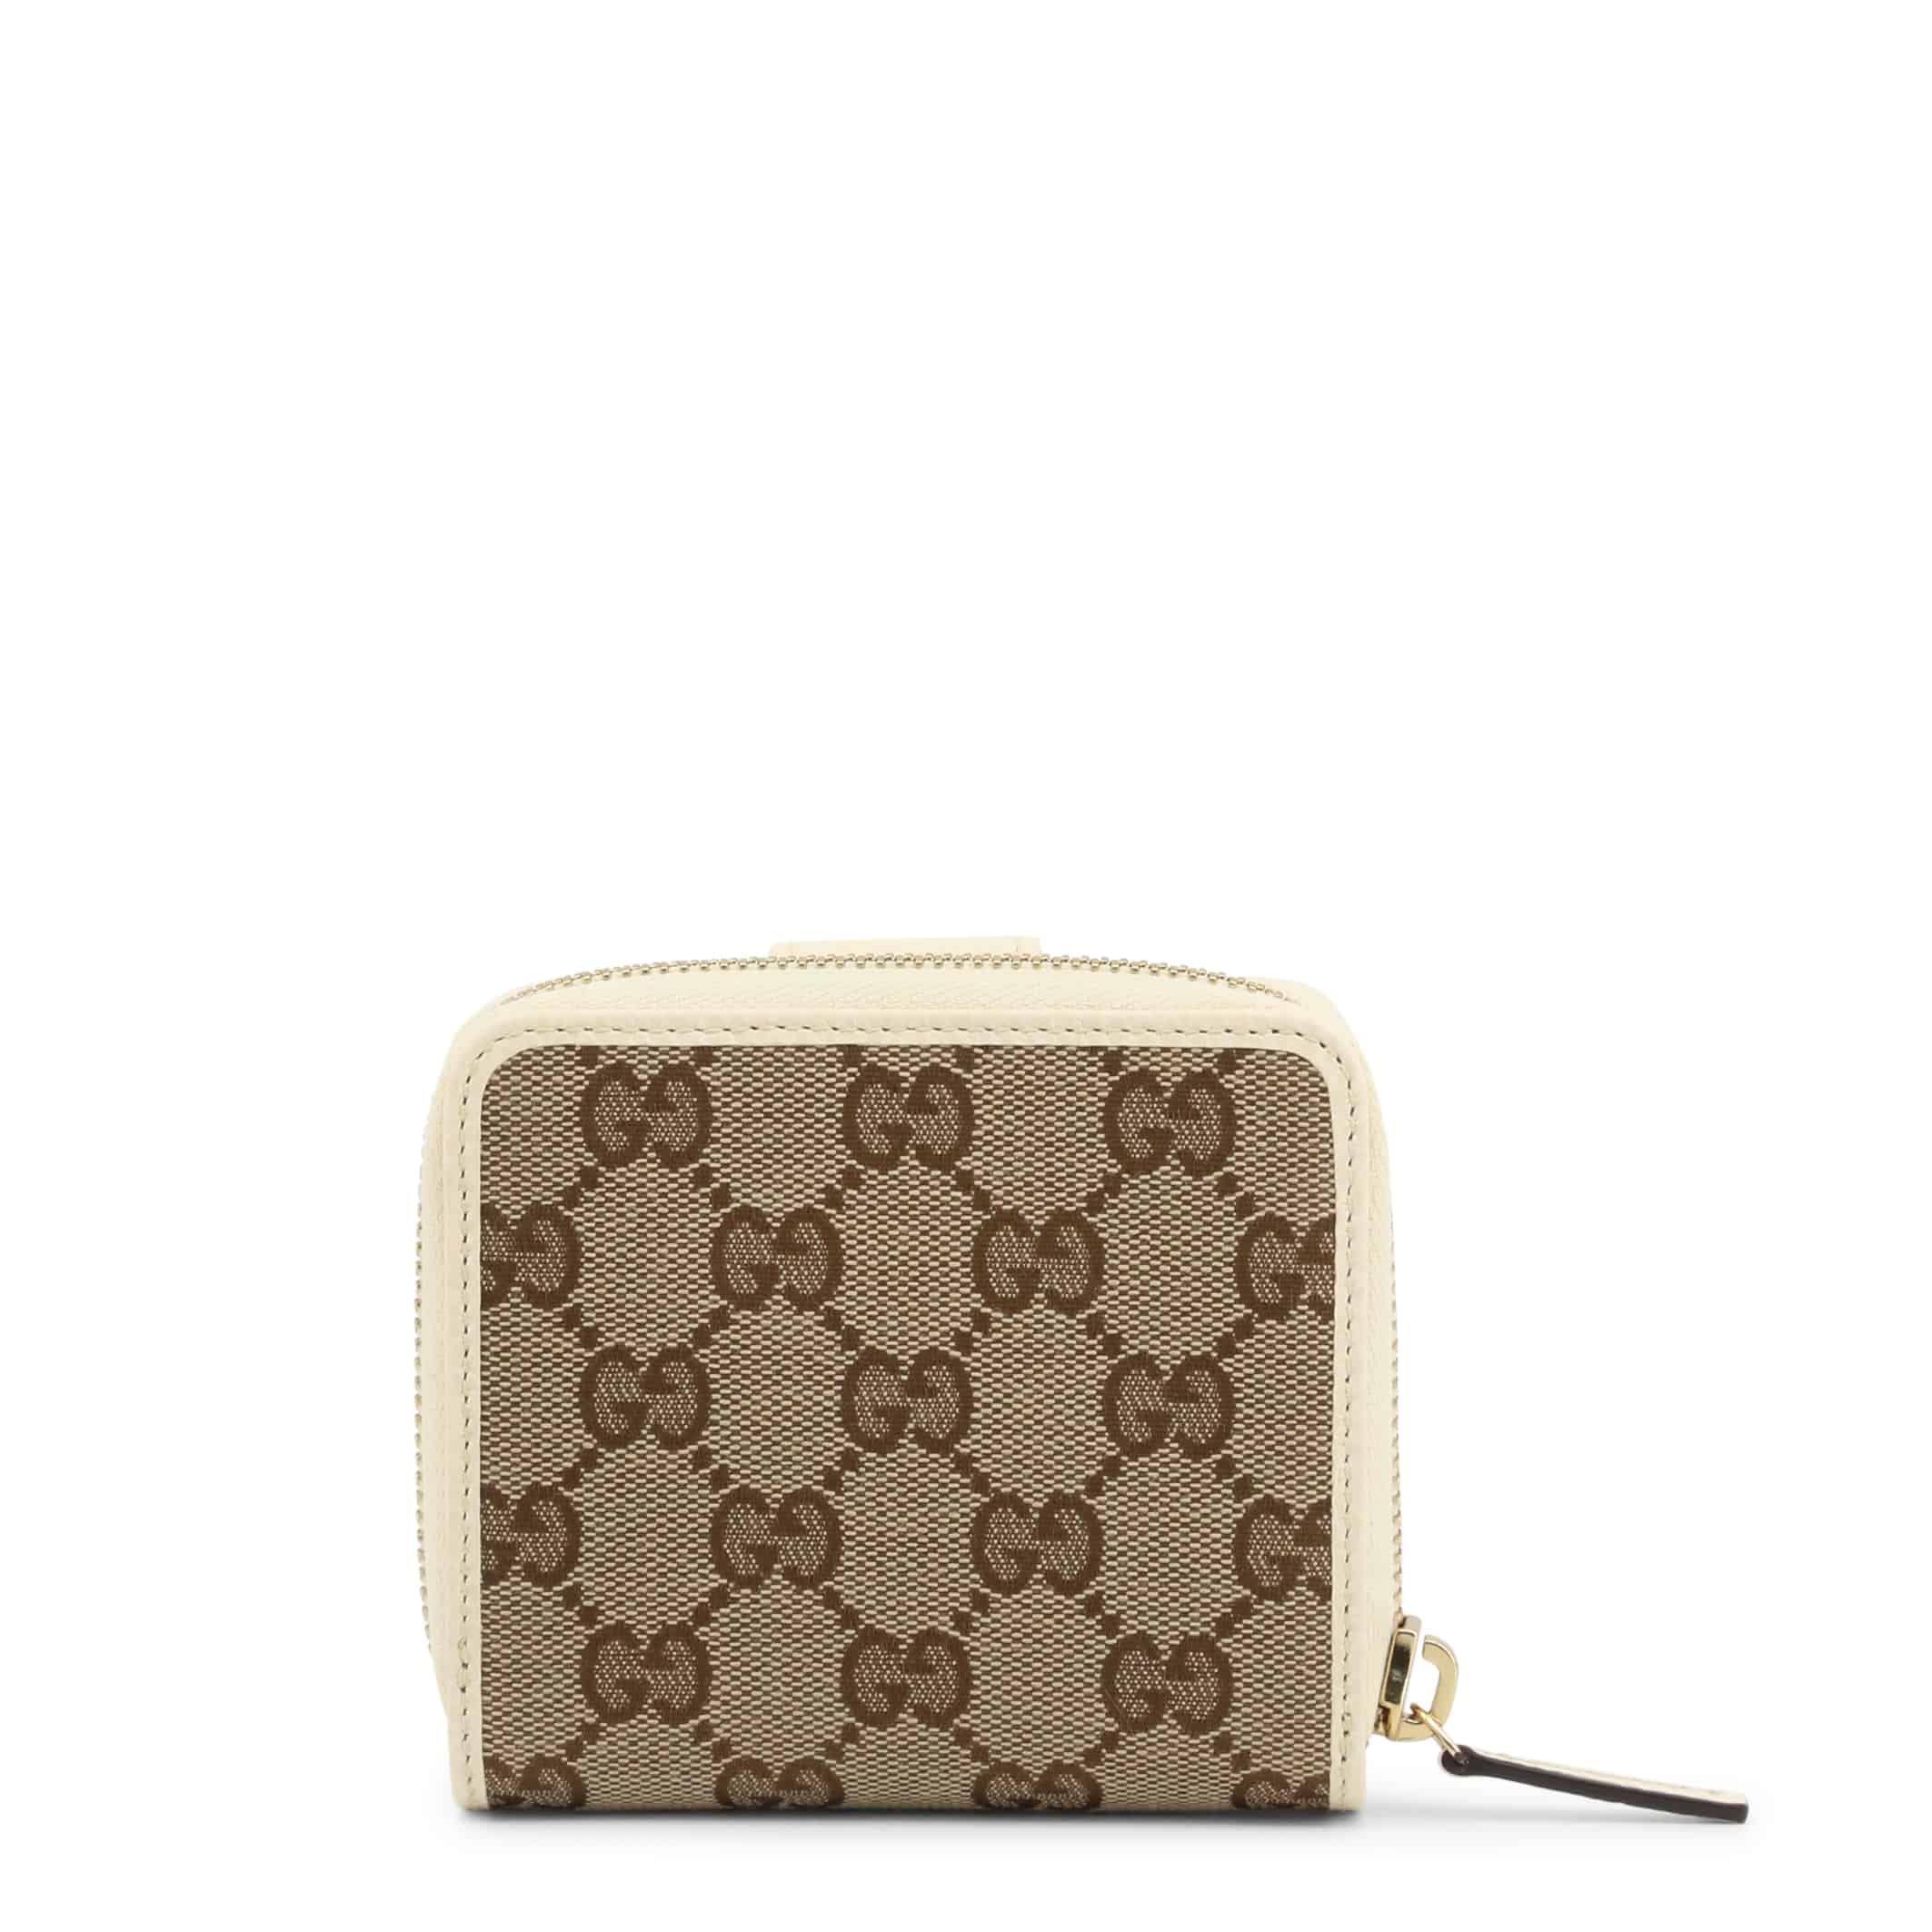 Portefeuilles Gucci – 346056_KY9LG